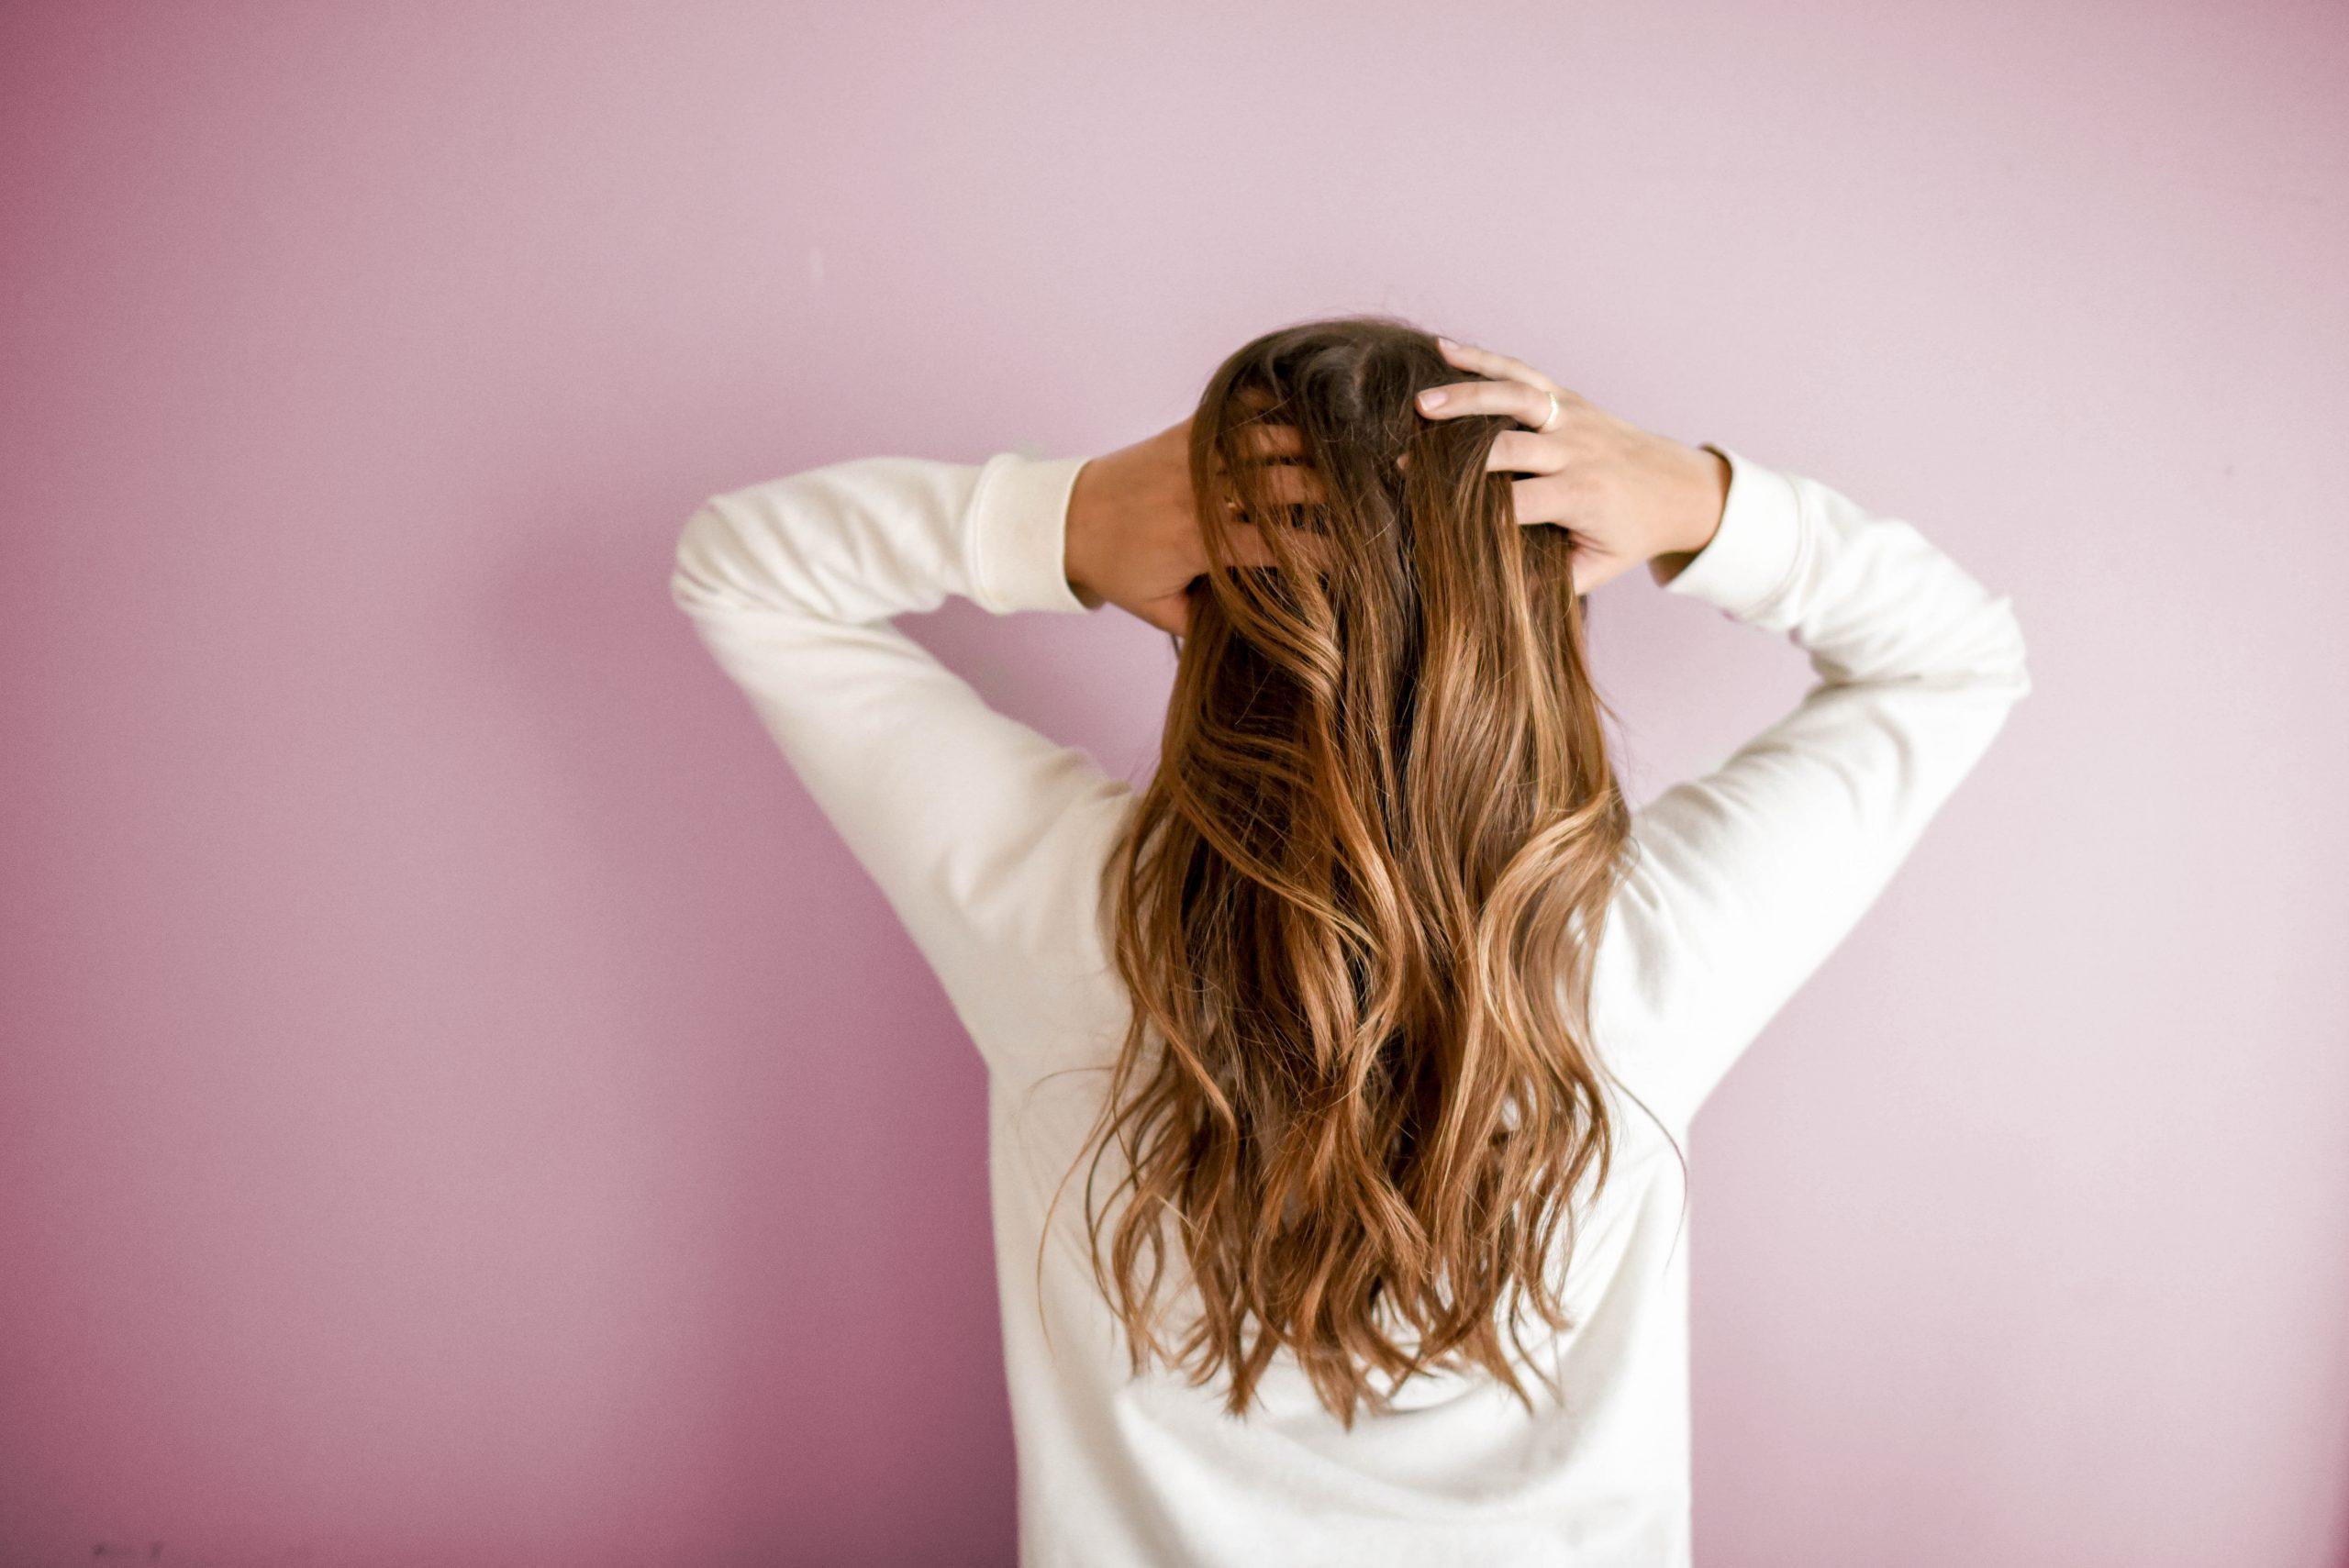 Imagem do cabelo de uma mulher.